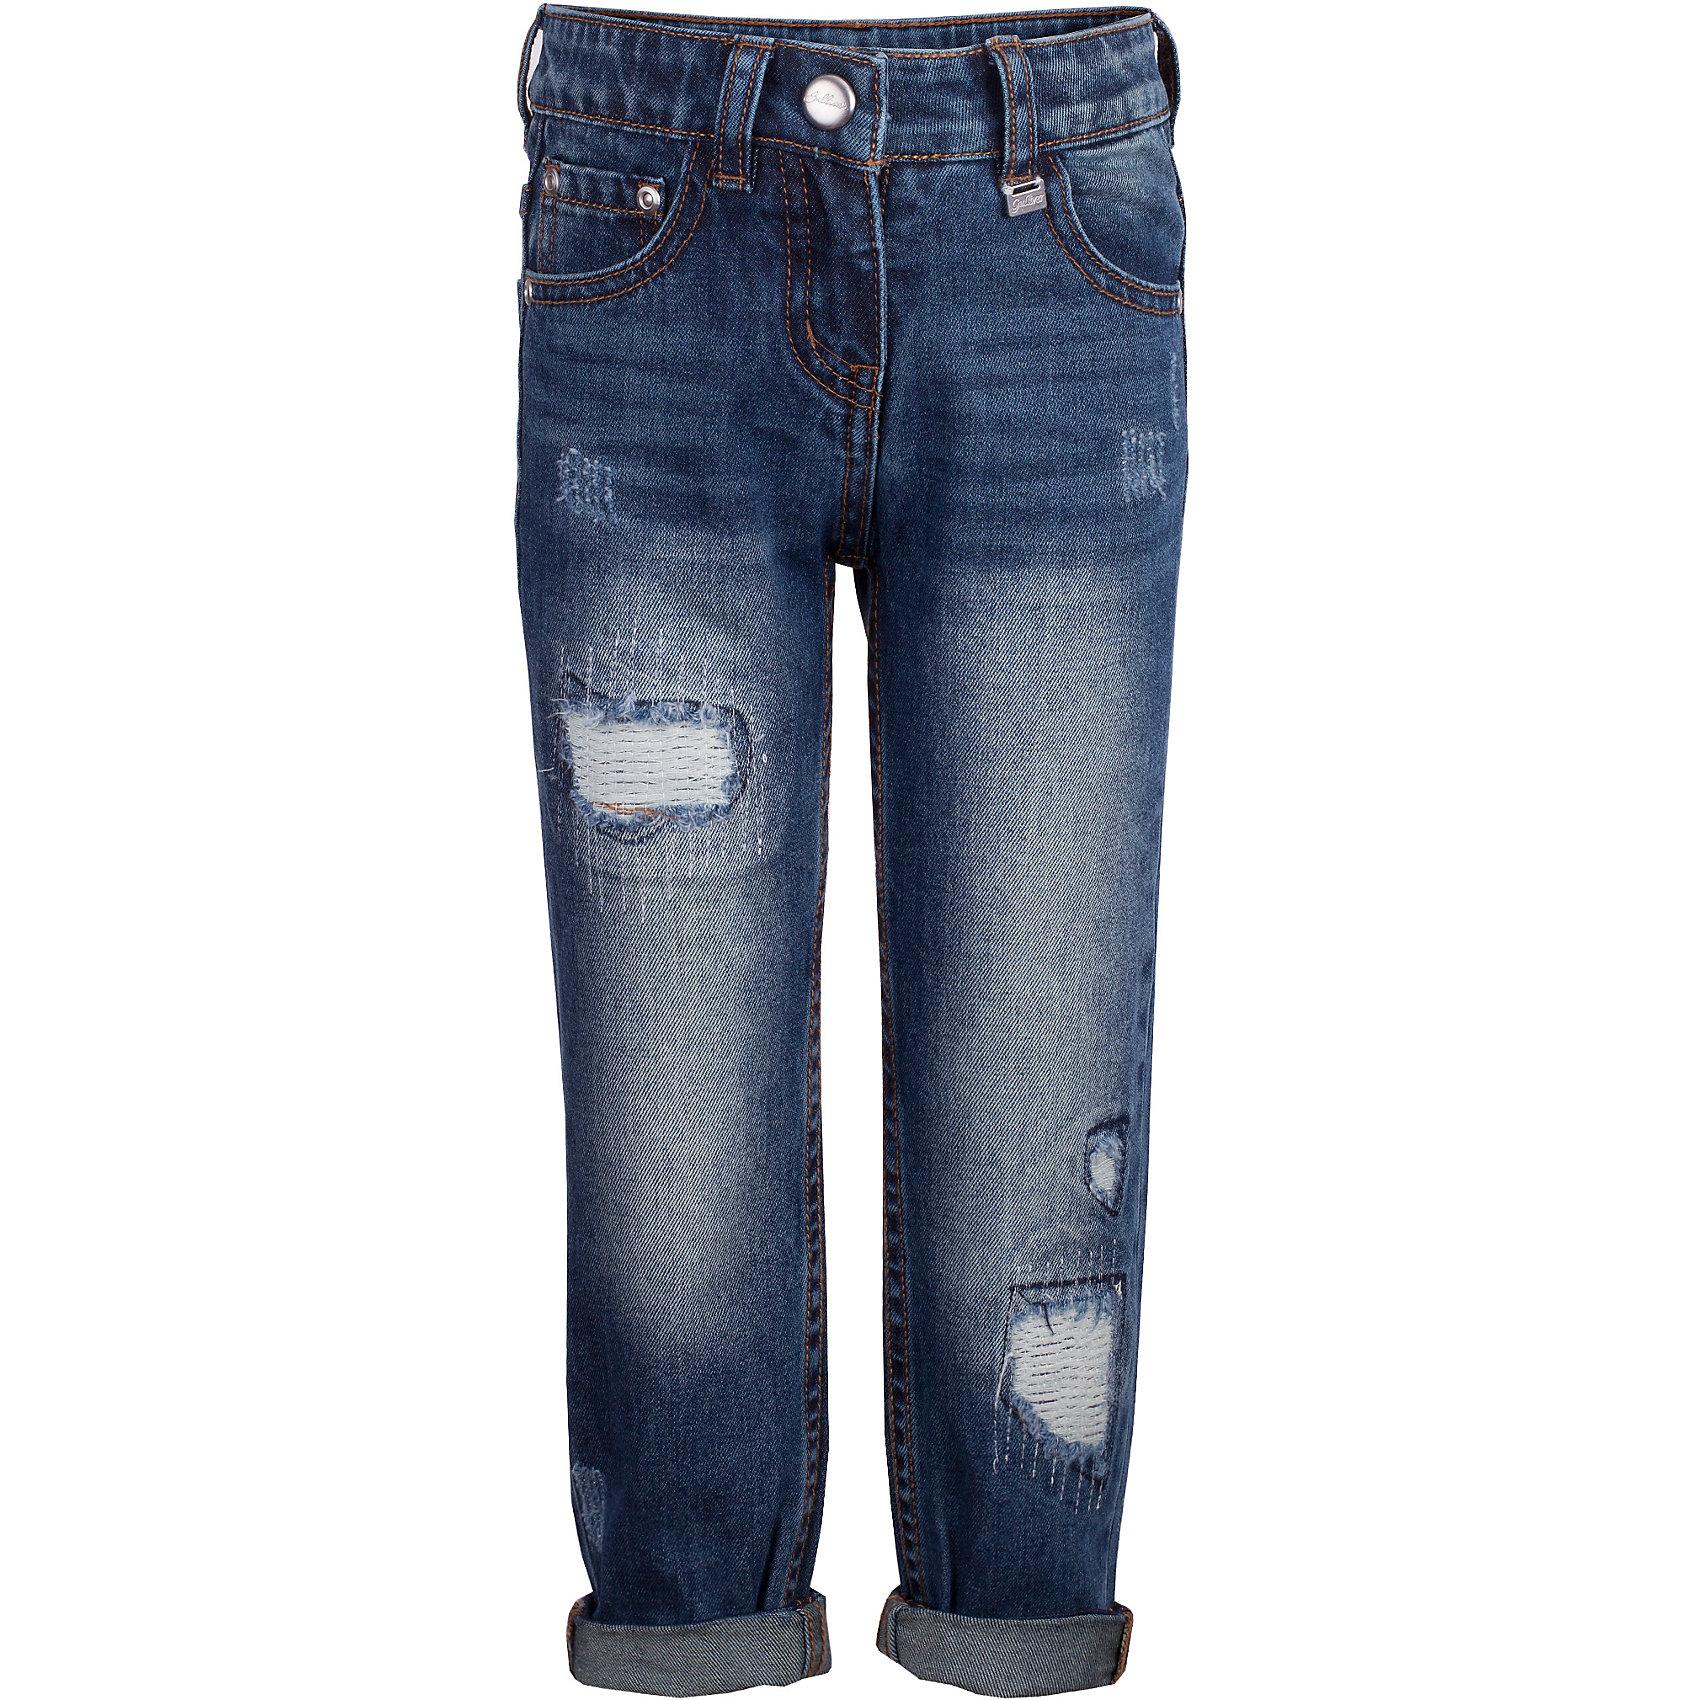 Джинсы Gulliver для девочкиДжинсы<br>Брюки Gulliver для девочки<br>Что может быть лучше любимых джинсов? Только новые фирменные джинсы силуэта бой френд из коллекции Филигрань! Актуальный крой, модная варка, потертости и повреждения делают джинсы основной стилеобразующей моделью детского гардероба. С любым верхом: курткой, пальто, толстовкой, кардиганом джинсы будут выглядеть безупречно. Купить джинсы для девочки, значит, сделать ее образ стильным и современным!<br>Состав:<br>100% хлопок<br><br>Ширина мм: 215<br>Глубина мм: 88<br>Высота мм: 191<br>Вес г: 336<br>Цвет: синий<br>Возраст от месяцев: 60<br>Возраст до месяцев: 72<br>Пол: Женский<br>Возраст: Детский<br>Размер: 116,98,104,110<br>SKU: 7078543